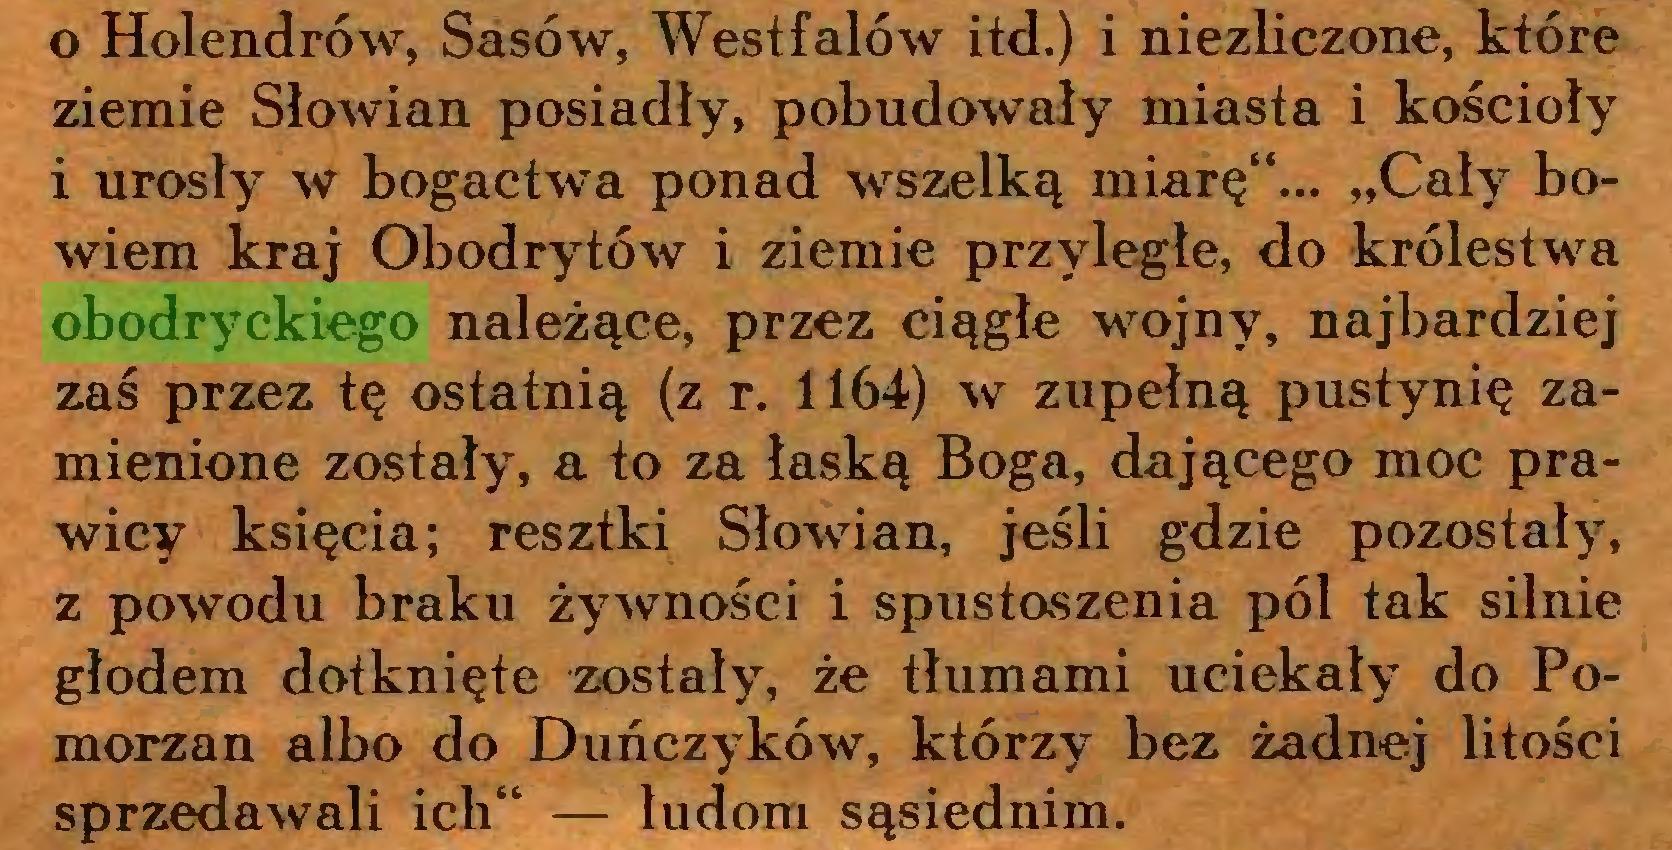 """(...) 0 Holendrów, Sasów, Westfalów itd.) i niezliczone, które ziemie Słowian posiadły, pobudowały miasta i kościoły 1 urosły w bogactwa ponad wszelką miarę14... """"Cały bowiem kraj Obodrytów i ziemie przyległe, do królestwa obodryckiego należące, przez ciągłe wojny, najbardziej zaś przez tę ostatnią (z r. 1164) w zupełną pustynię zamienione zostały, a to za łaską Boga, dającego moc prawicy księcia; resztki Słowian, jeśli gdzie pozostały, z powodu braku żywności i spustoszenia pól tak silnie głodem dotknięte zostały, że tłumami uciekały do Pomorzan albo do Duńczyków, którzy bez żadnej litości sprzedawali ich44 — ludom sąsiednim..."""